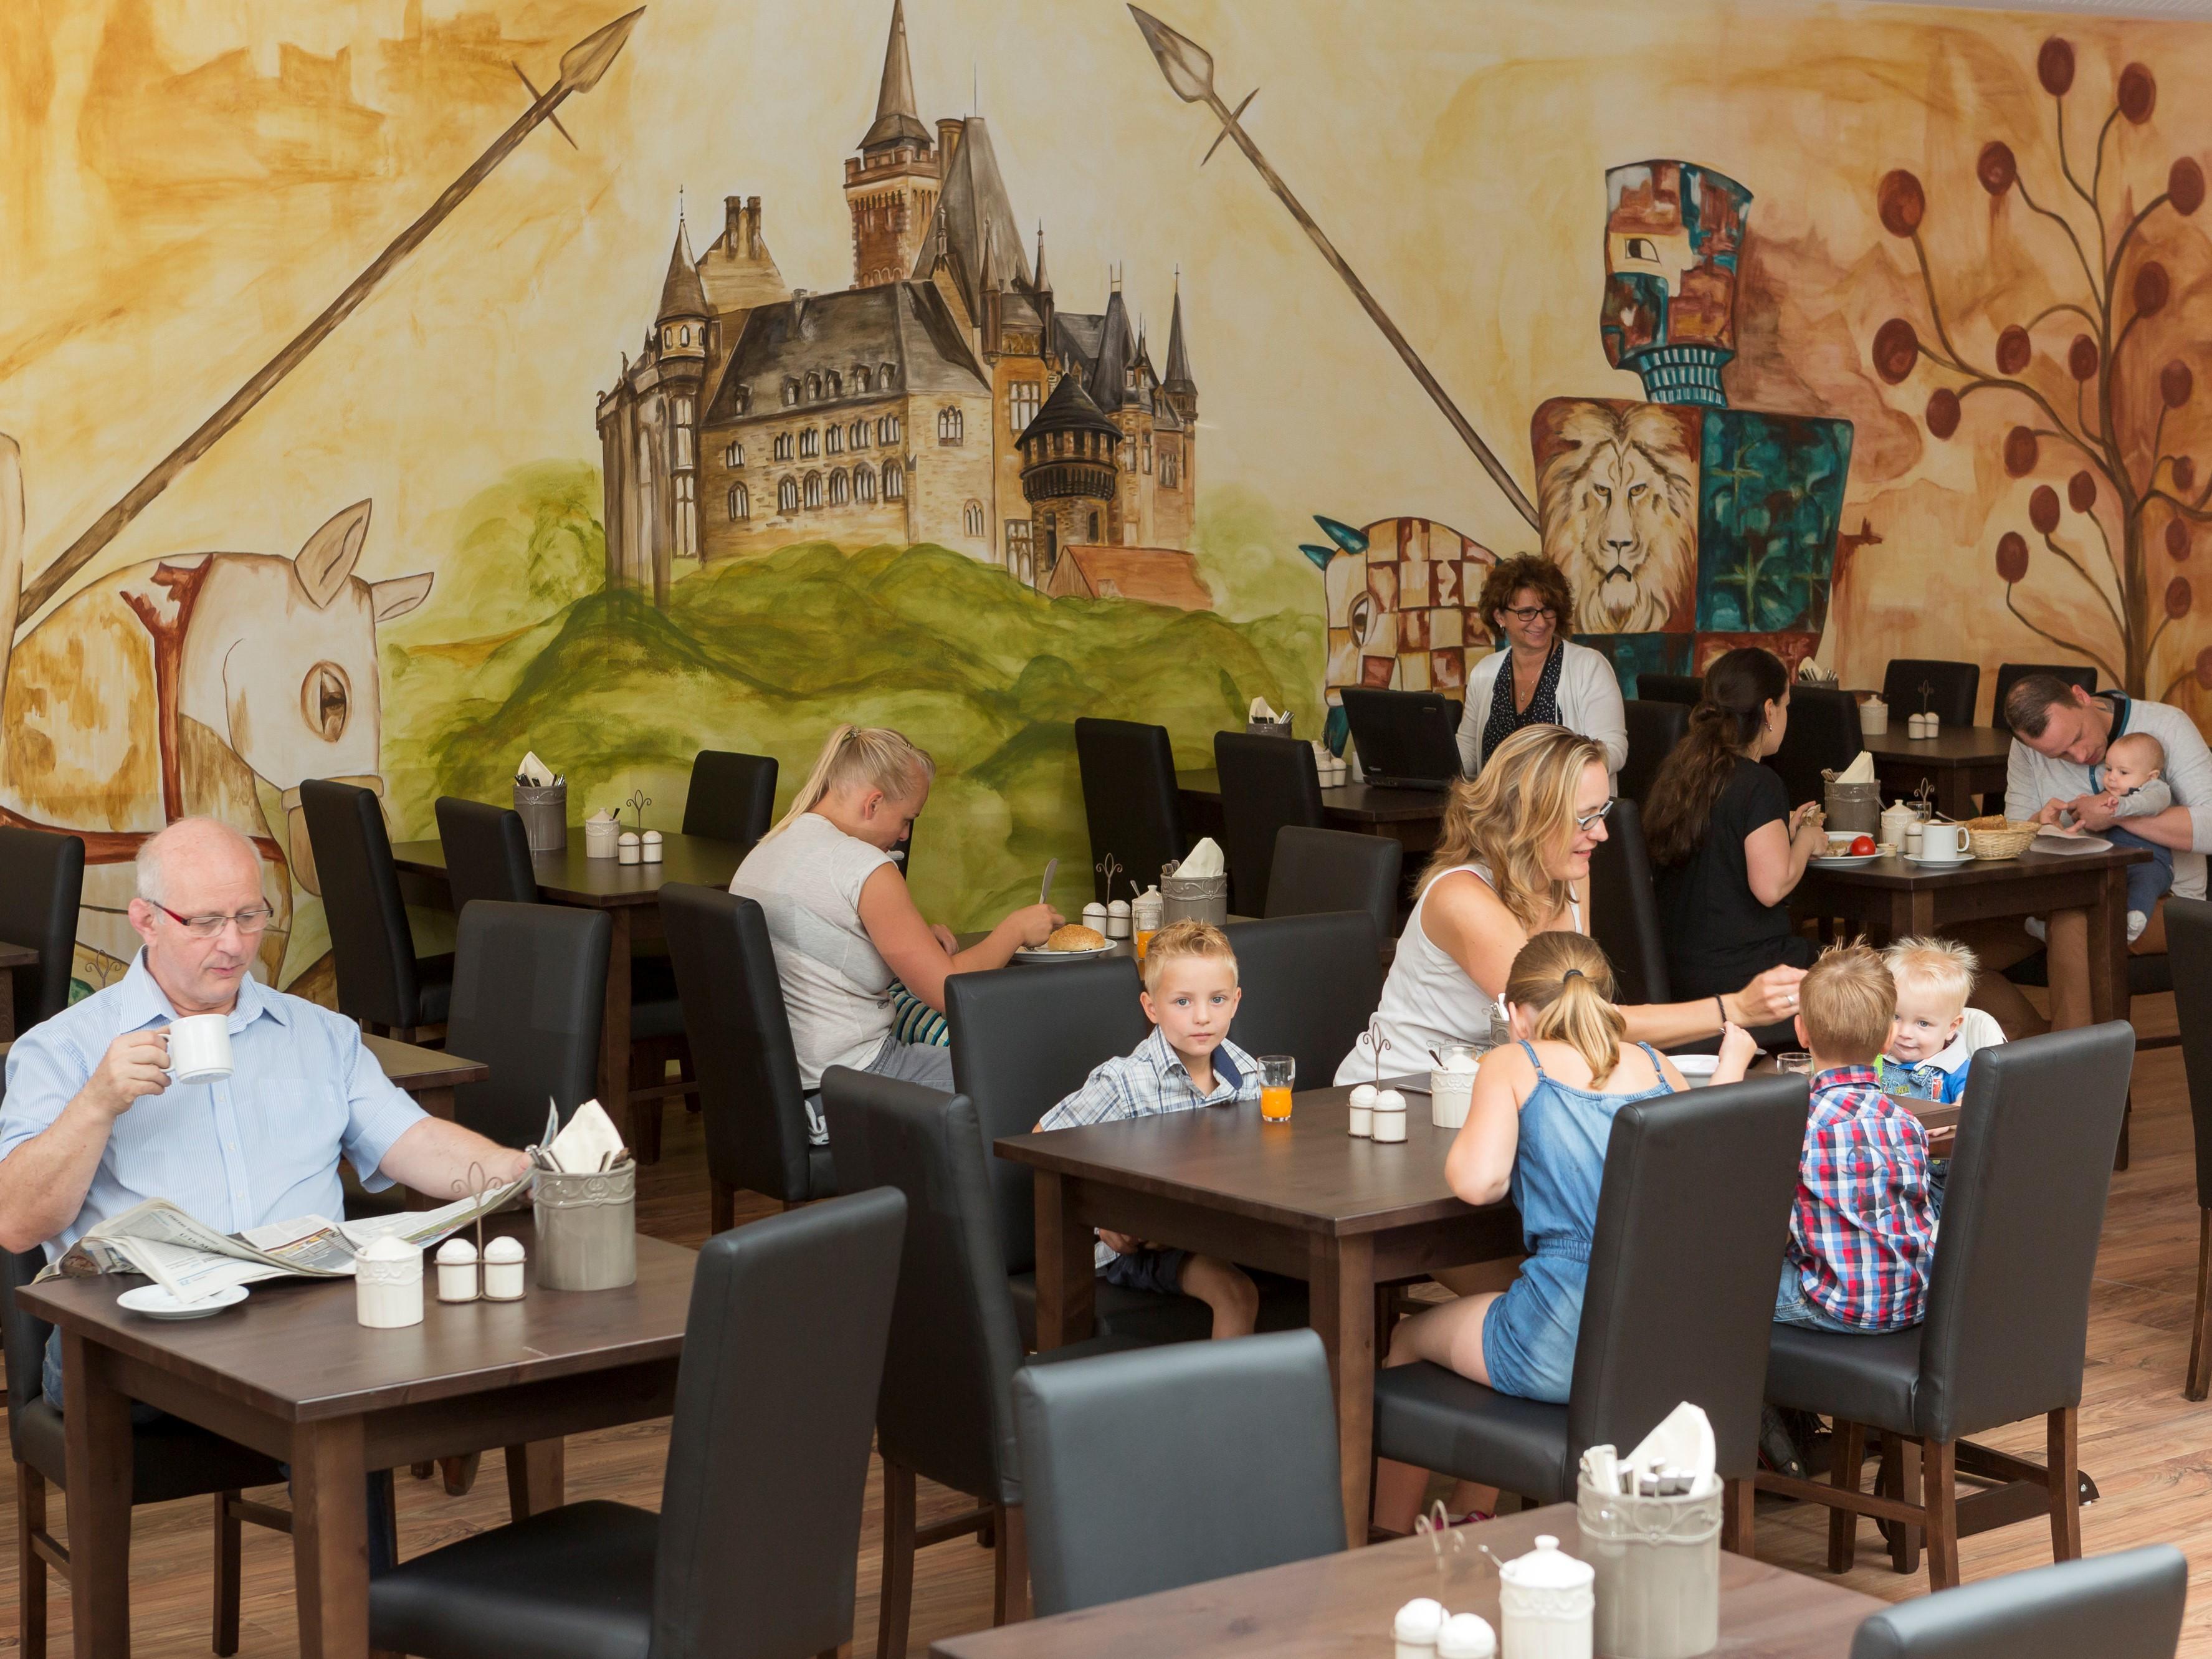 Hasseröder Burghotel in Wernigerode - Restaurant